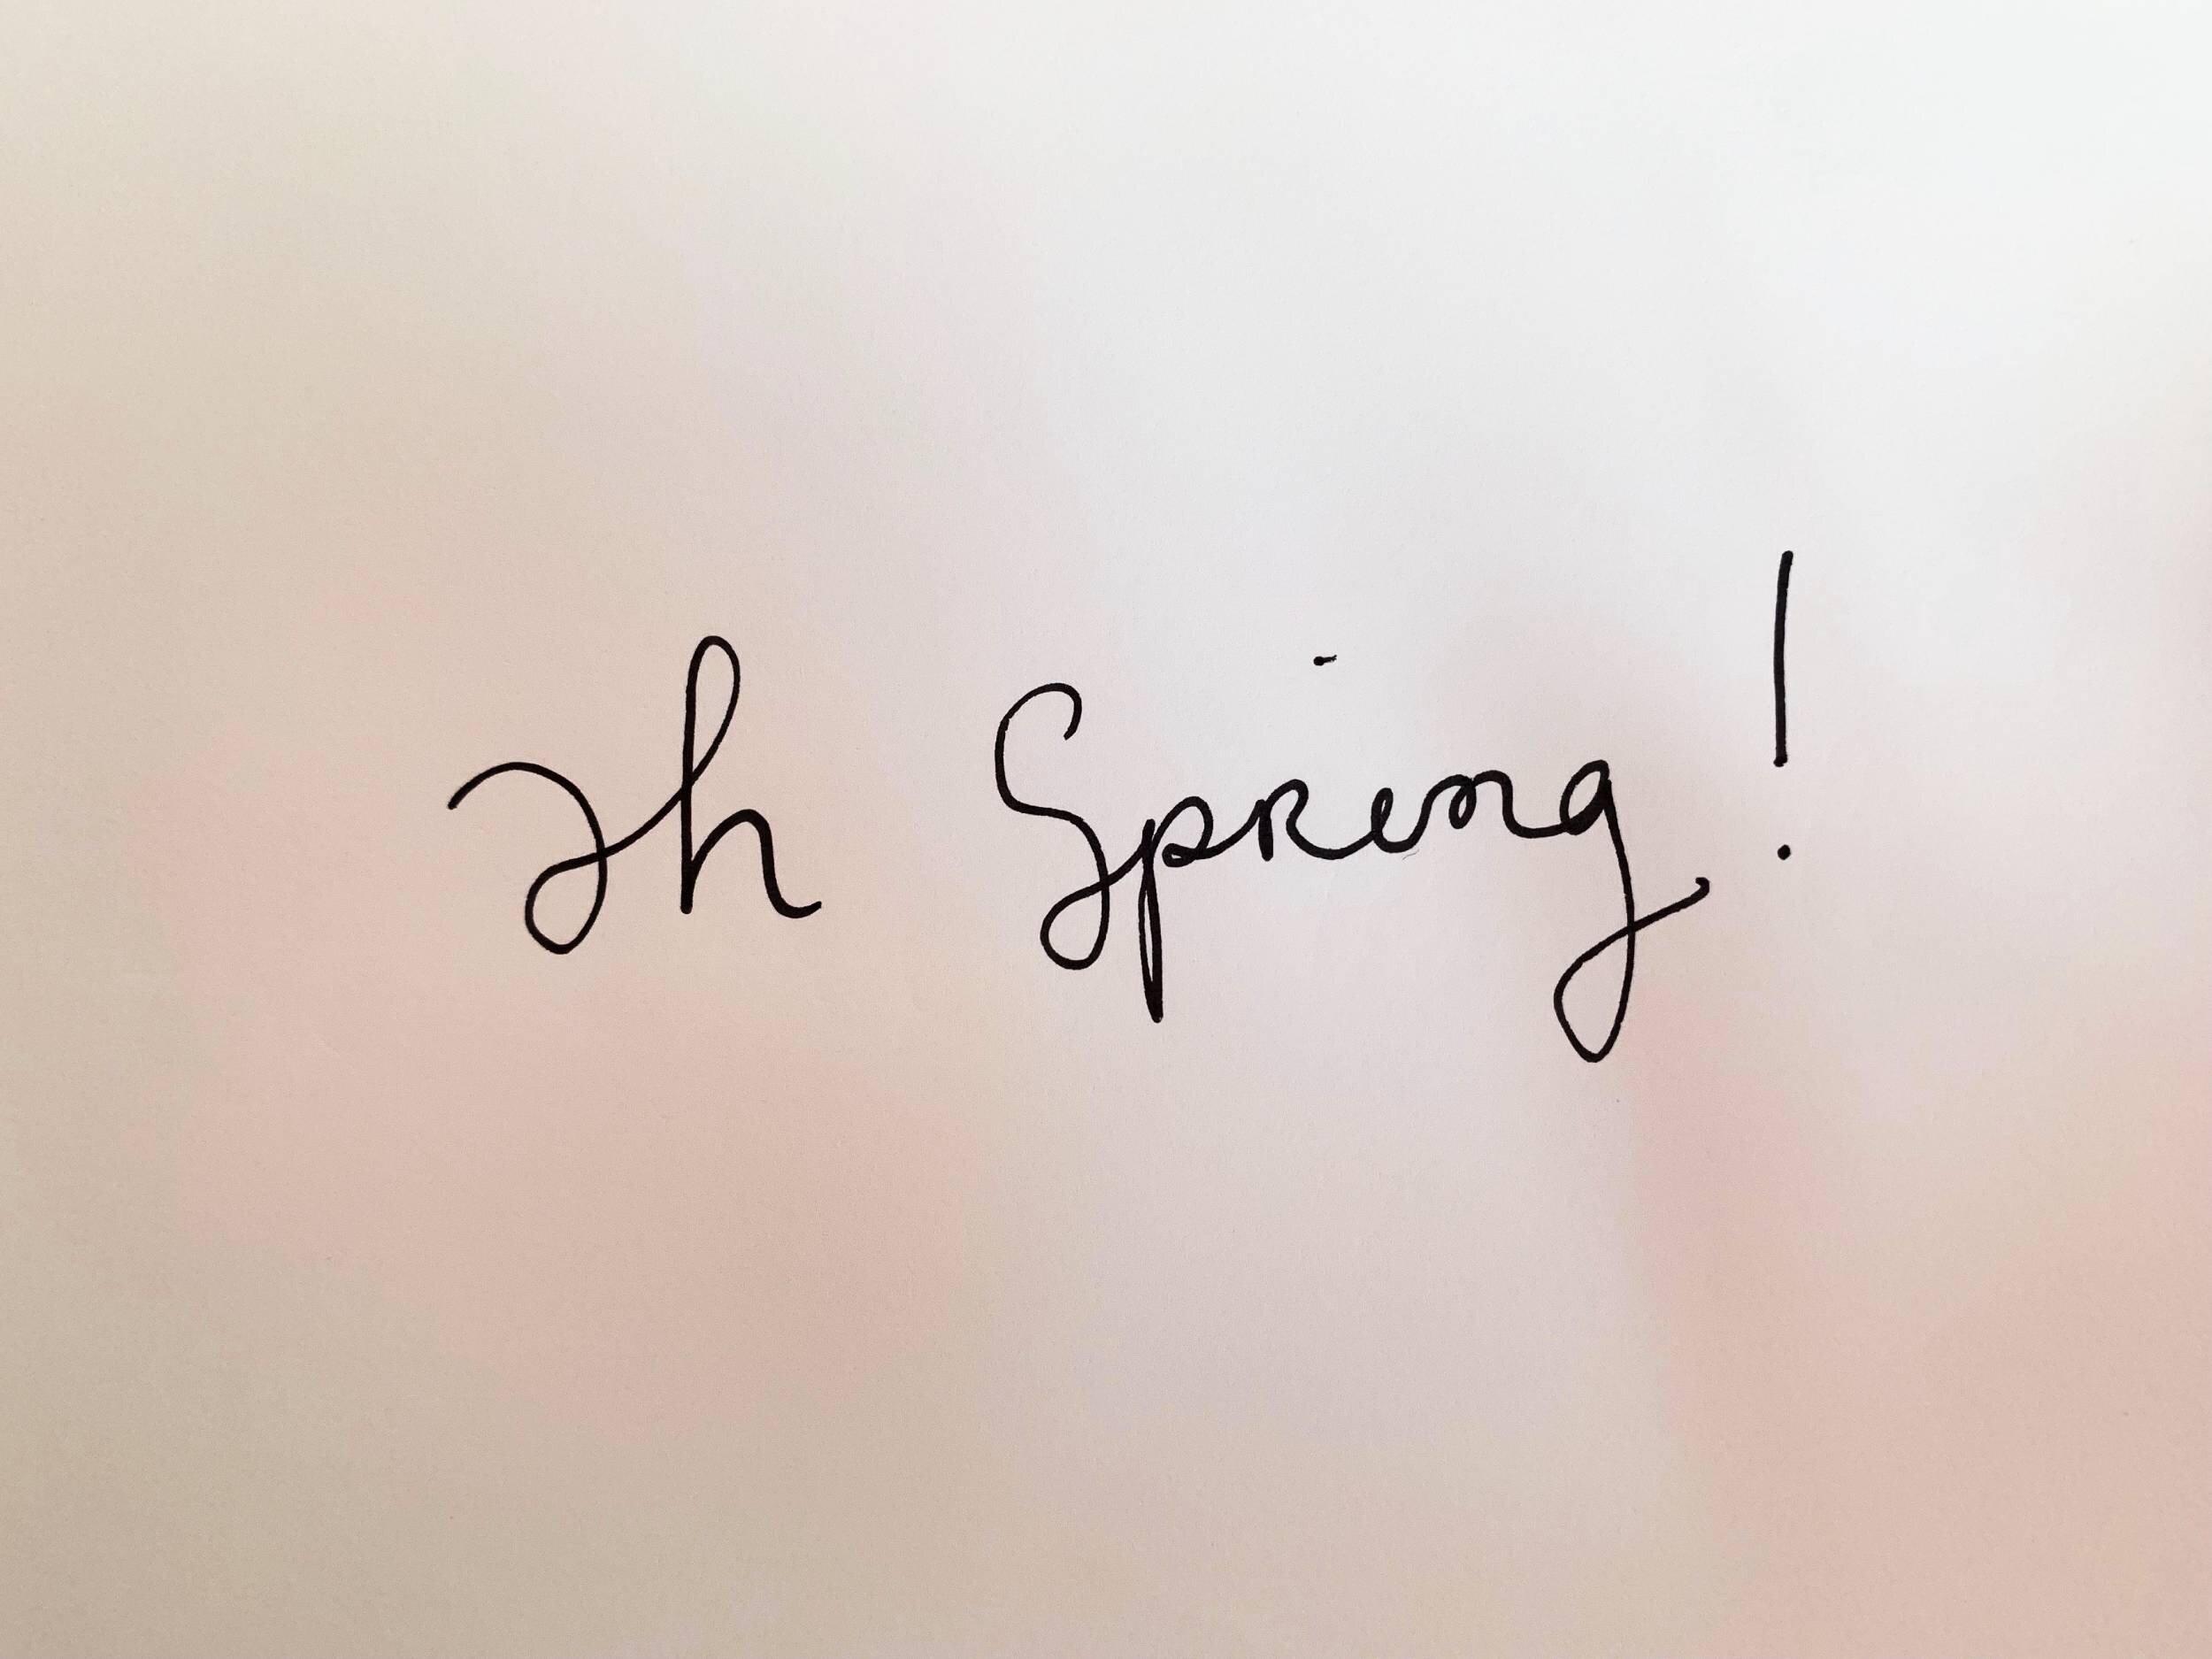 Ah spring! Drawing Luke Hockley.